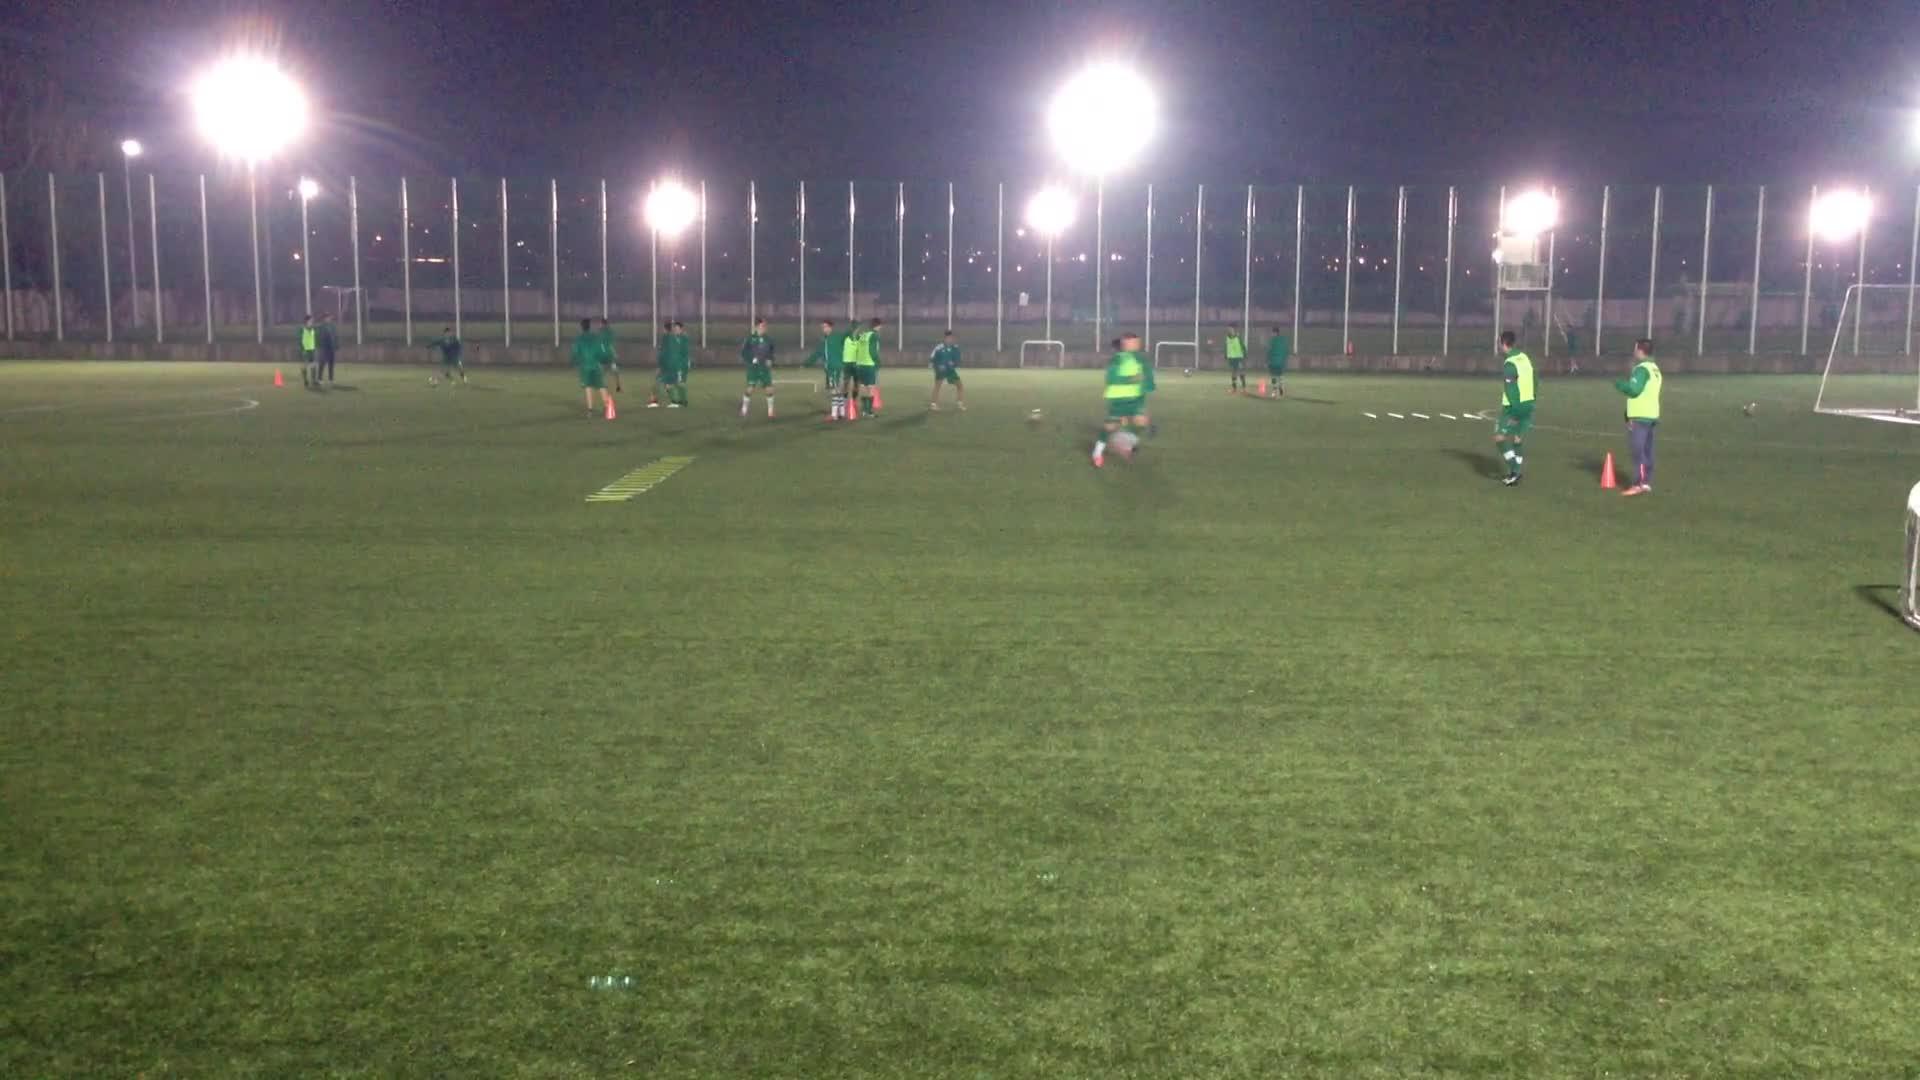 Futbol Izle Video Eğitim Bilişim Ağı